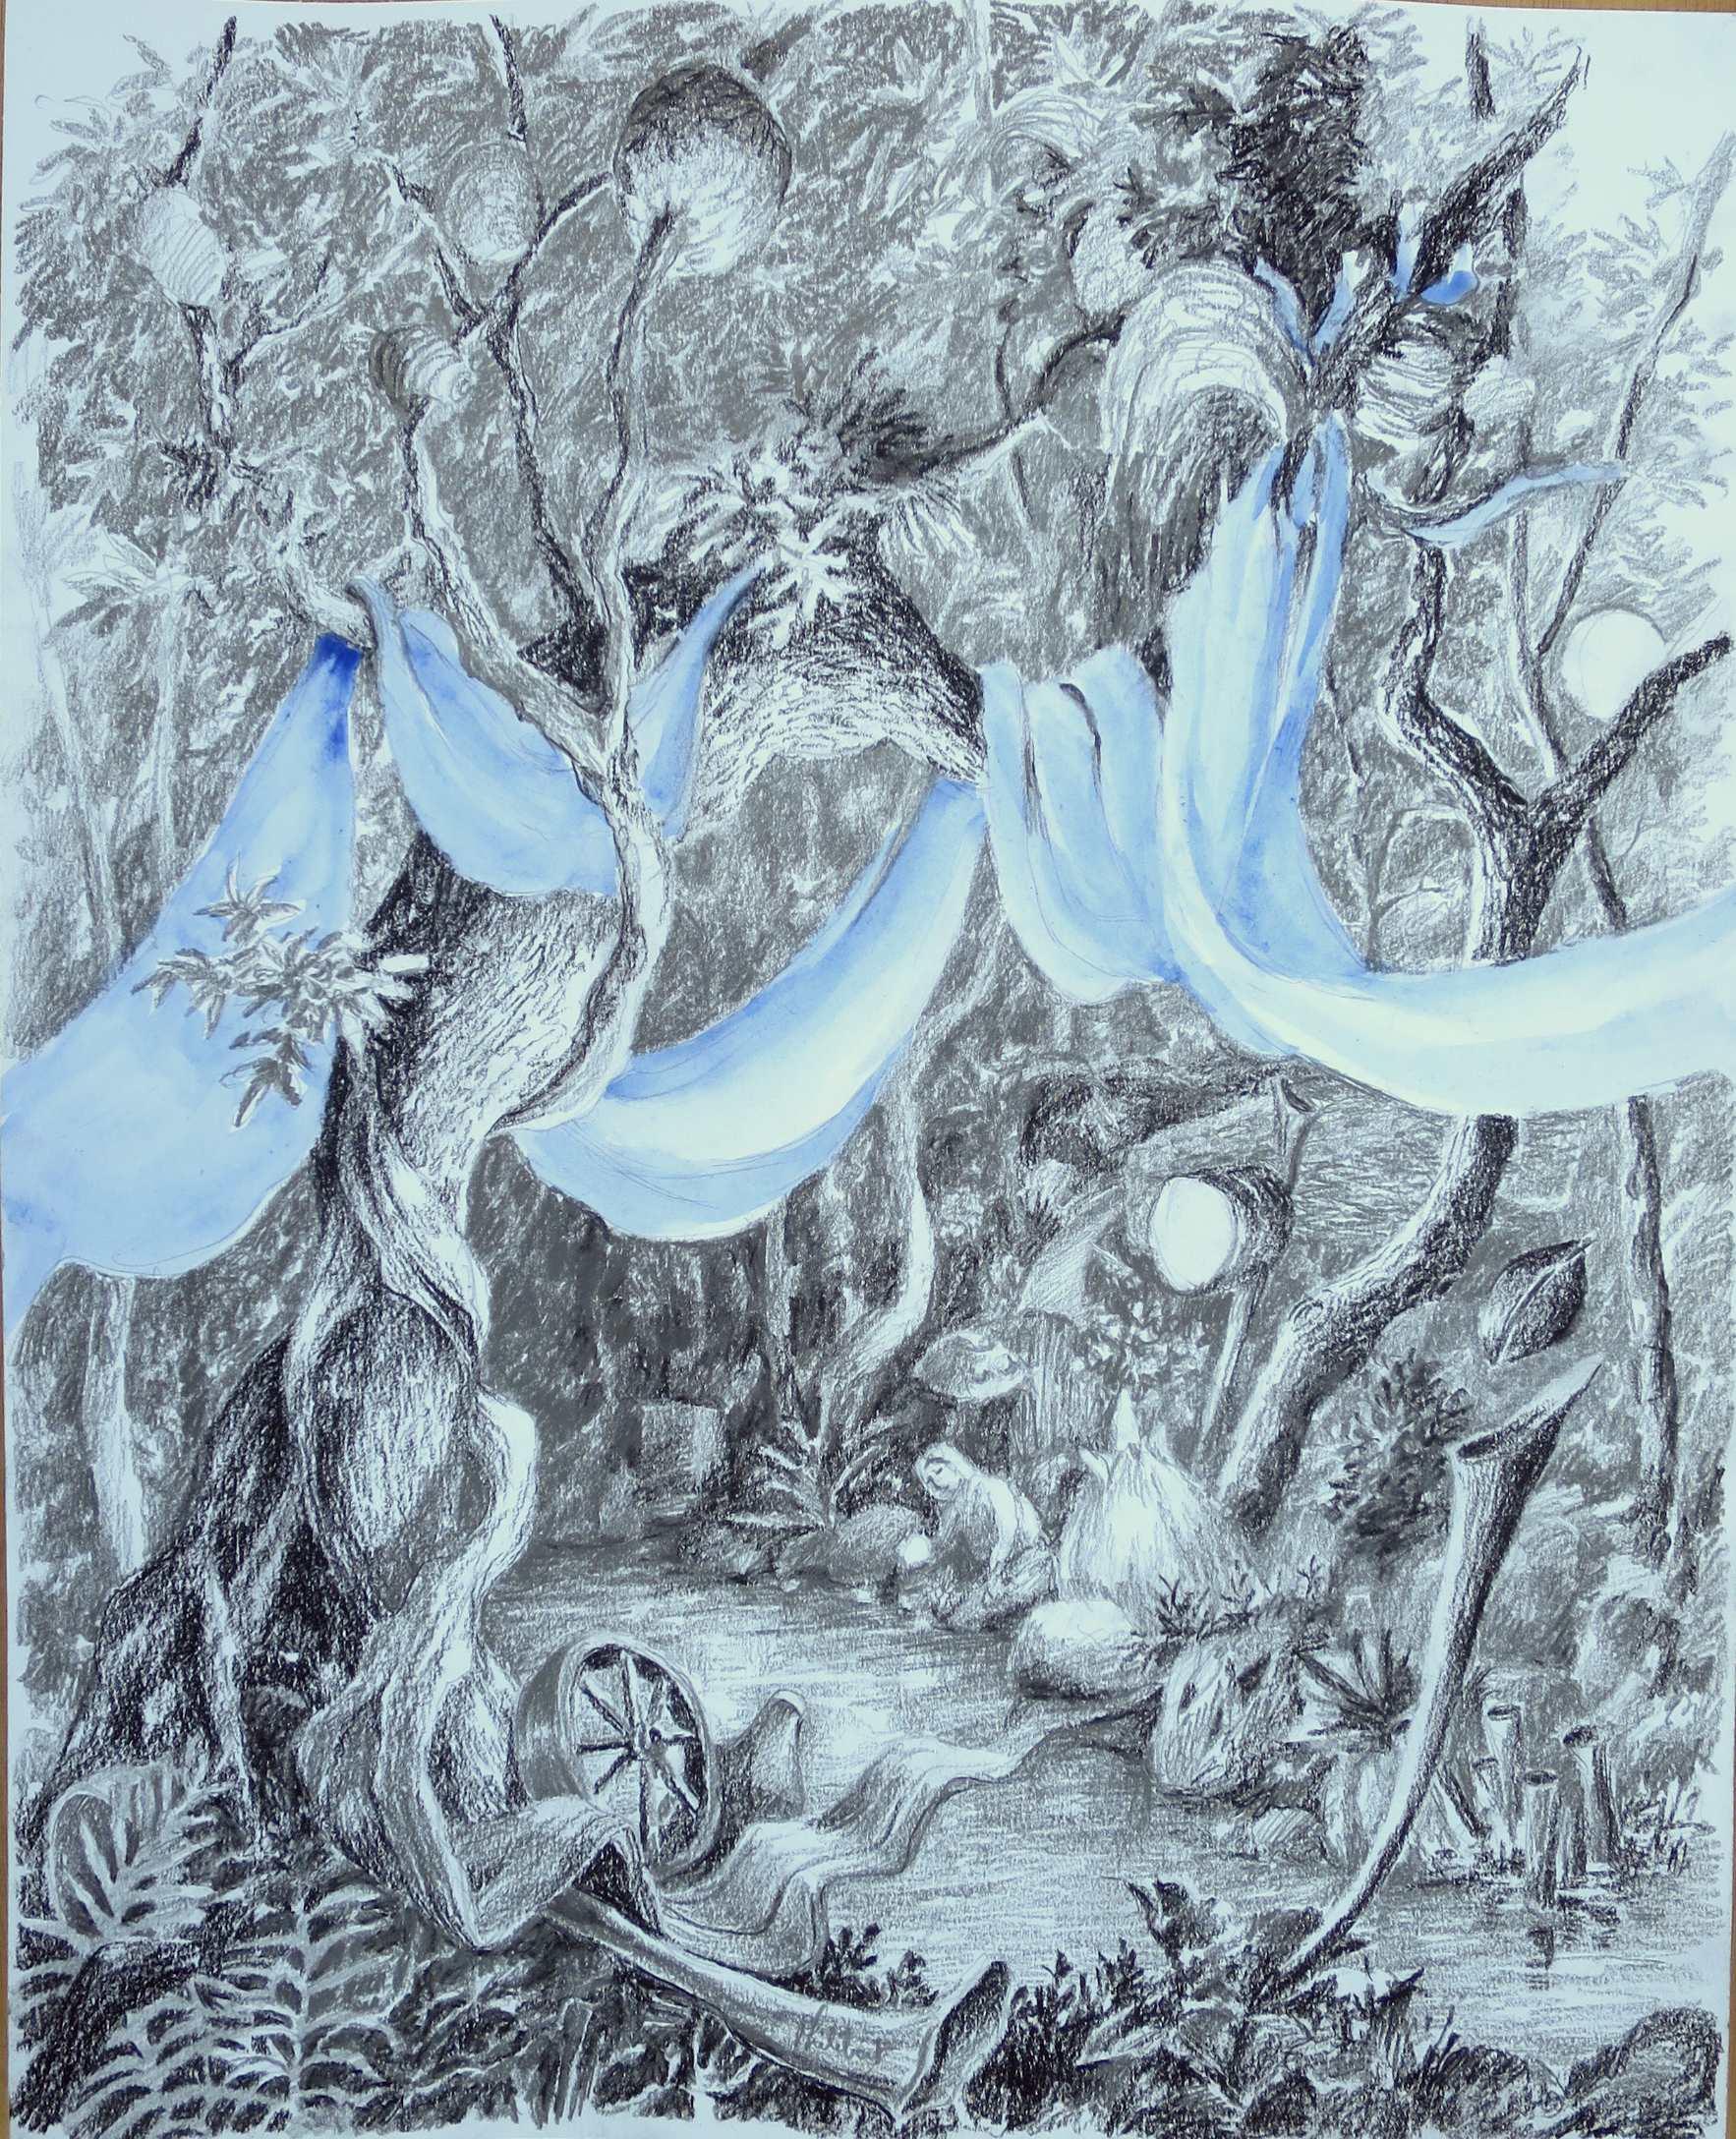 réveillon bleu, crayons, pierre noire, aquarelle, 40 X 50 cm, 2019